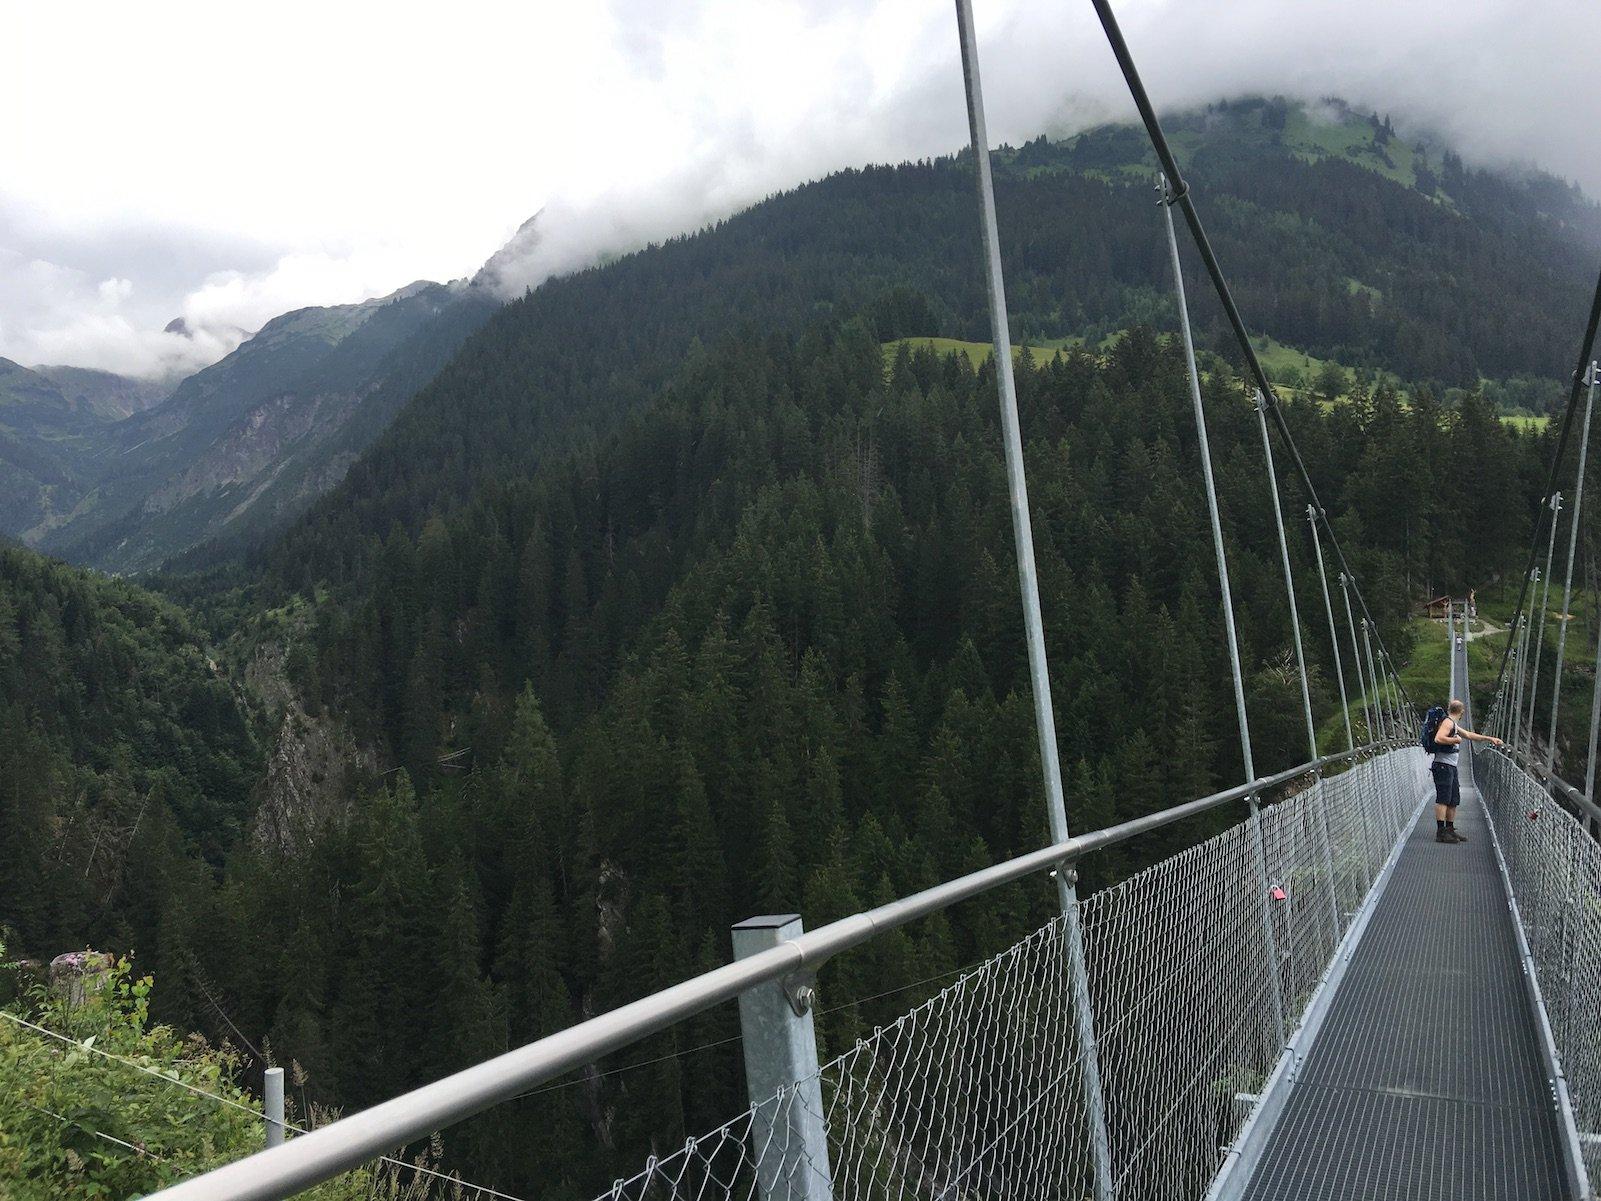 Auch andere sind fasziniert von dem Ausblick, der sich auf der Hängebrücke bietet